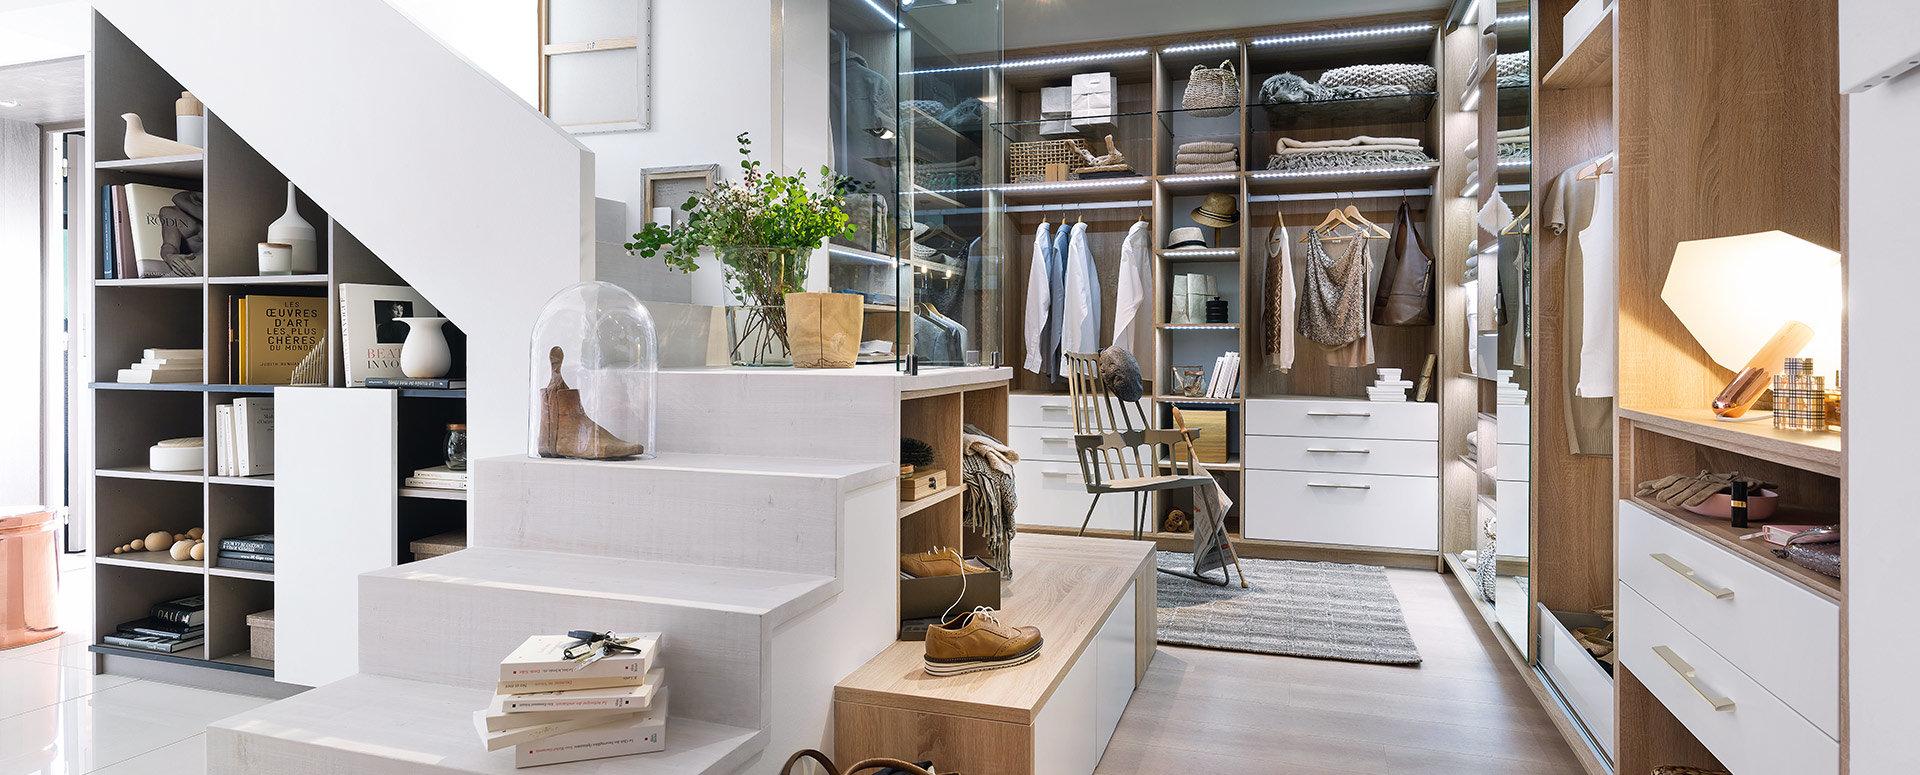 Bilde Garderobe lyst moderne eiketre med skreddersydde